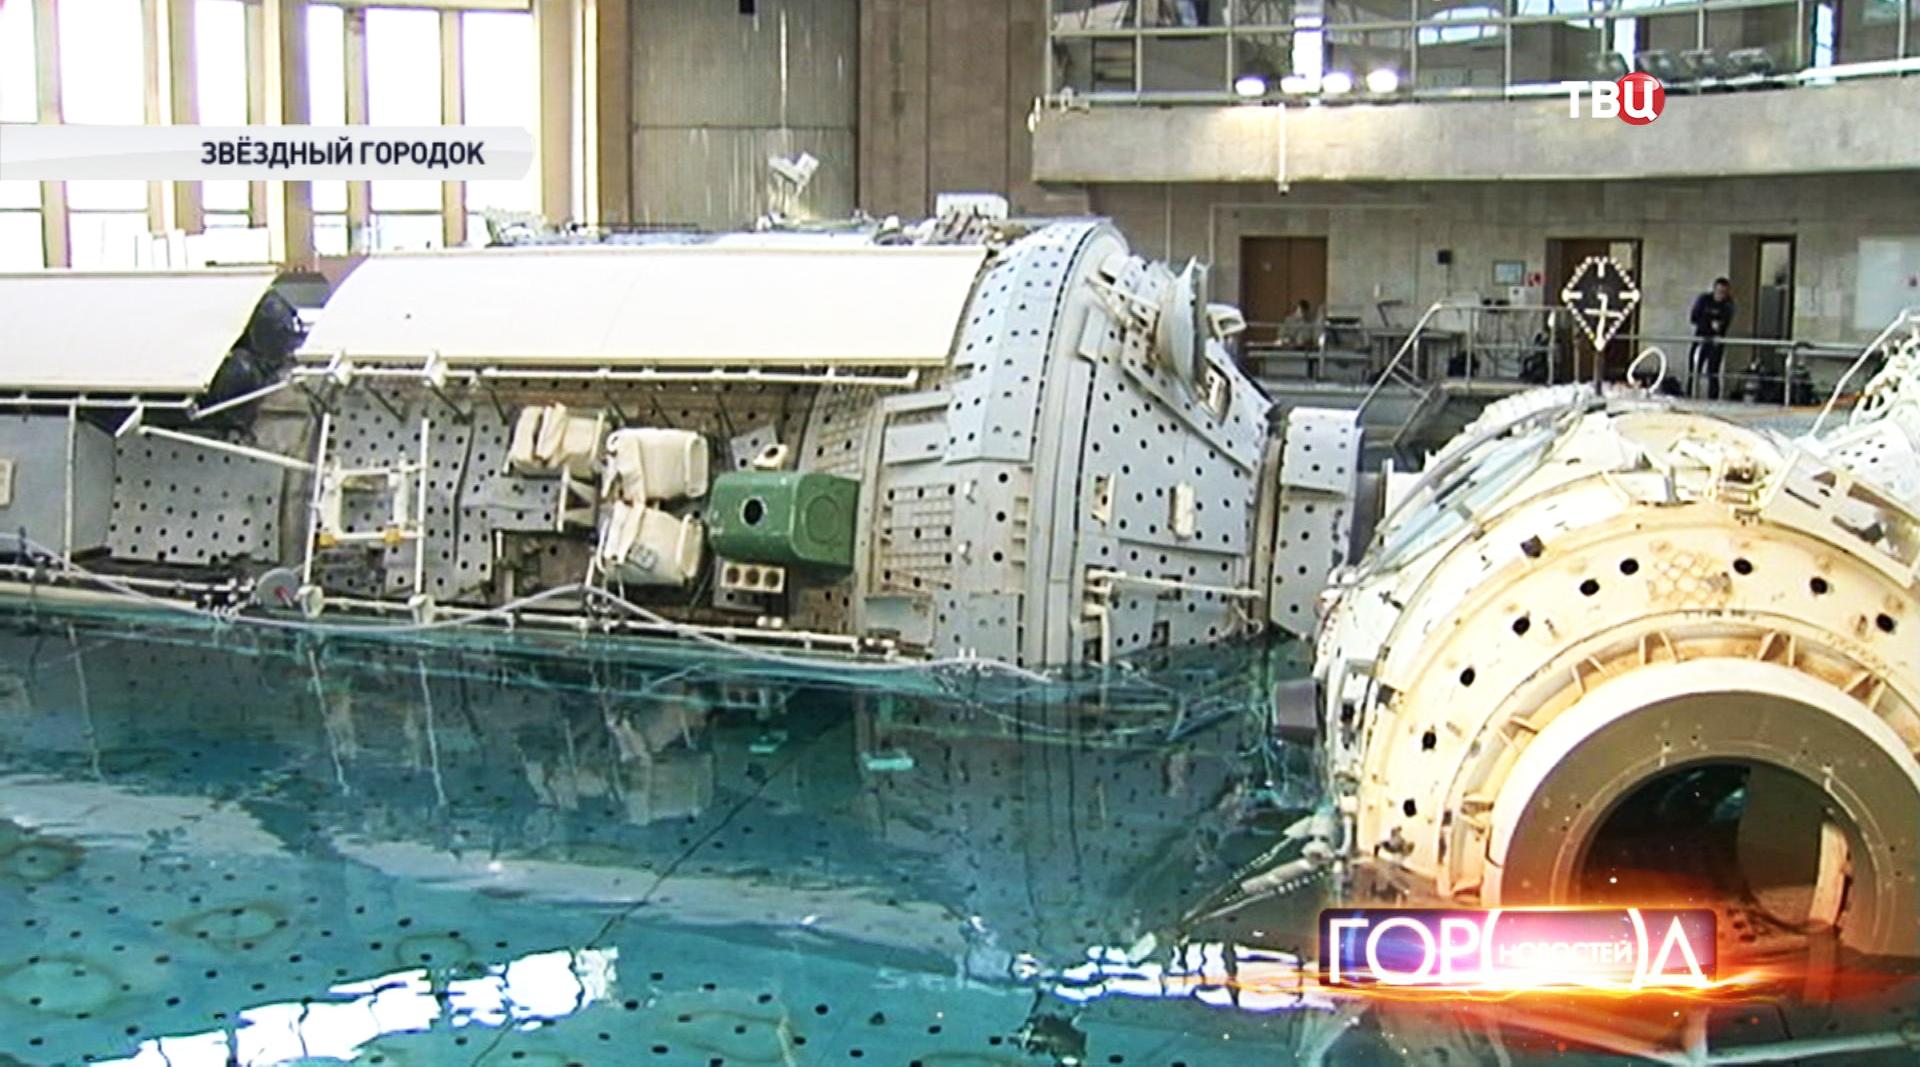 Тренажер для космонавтов